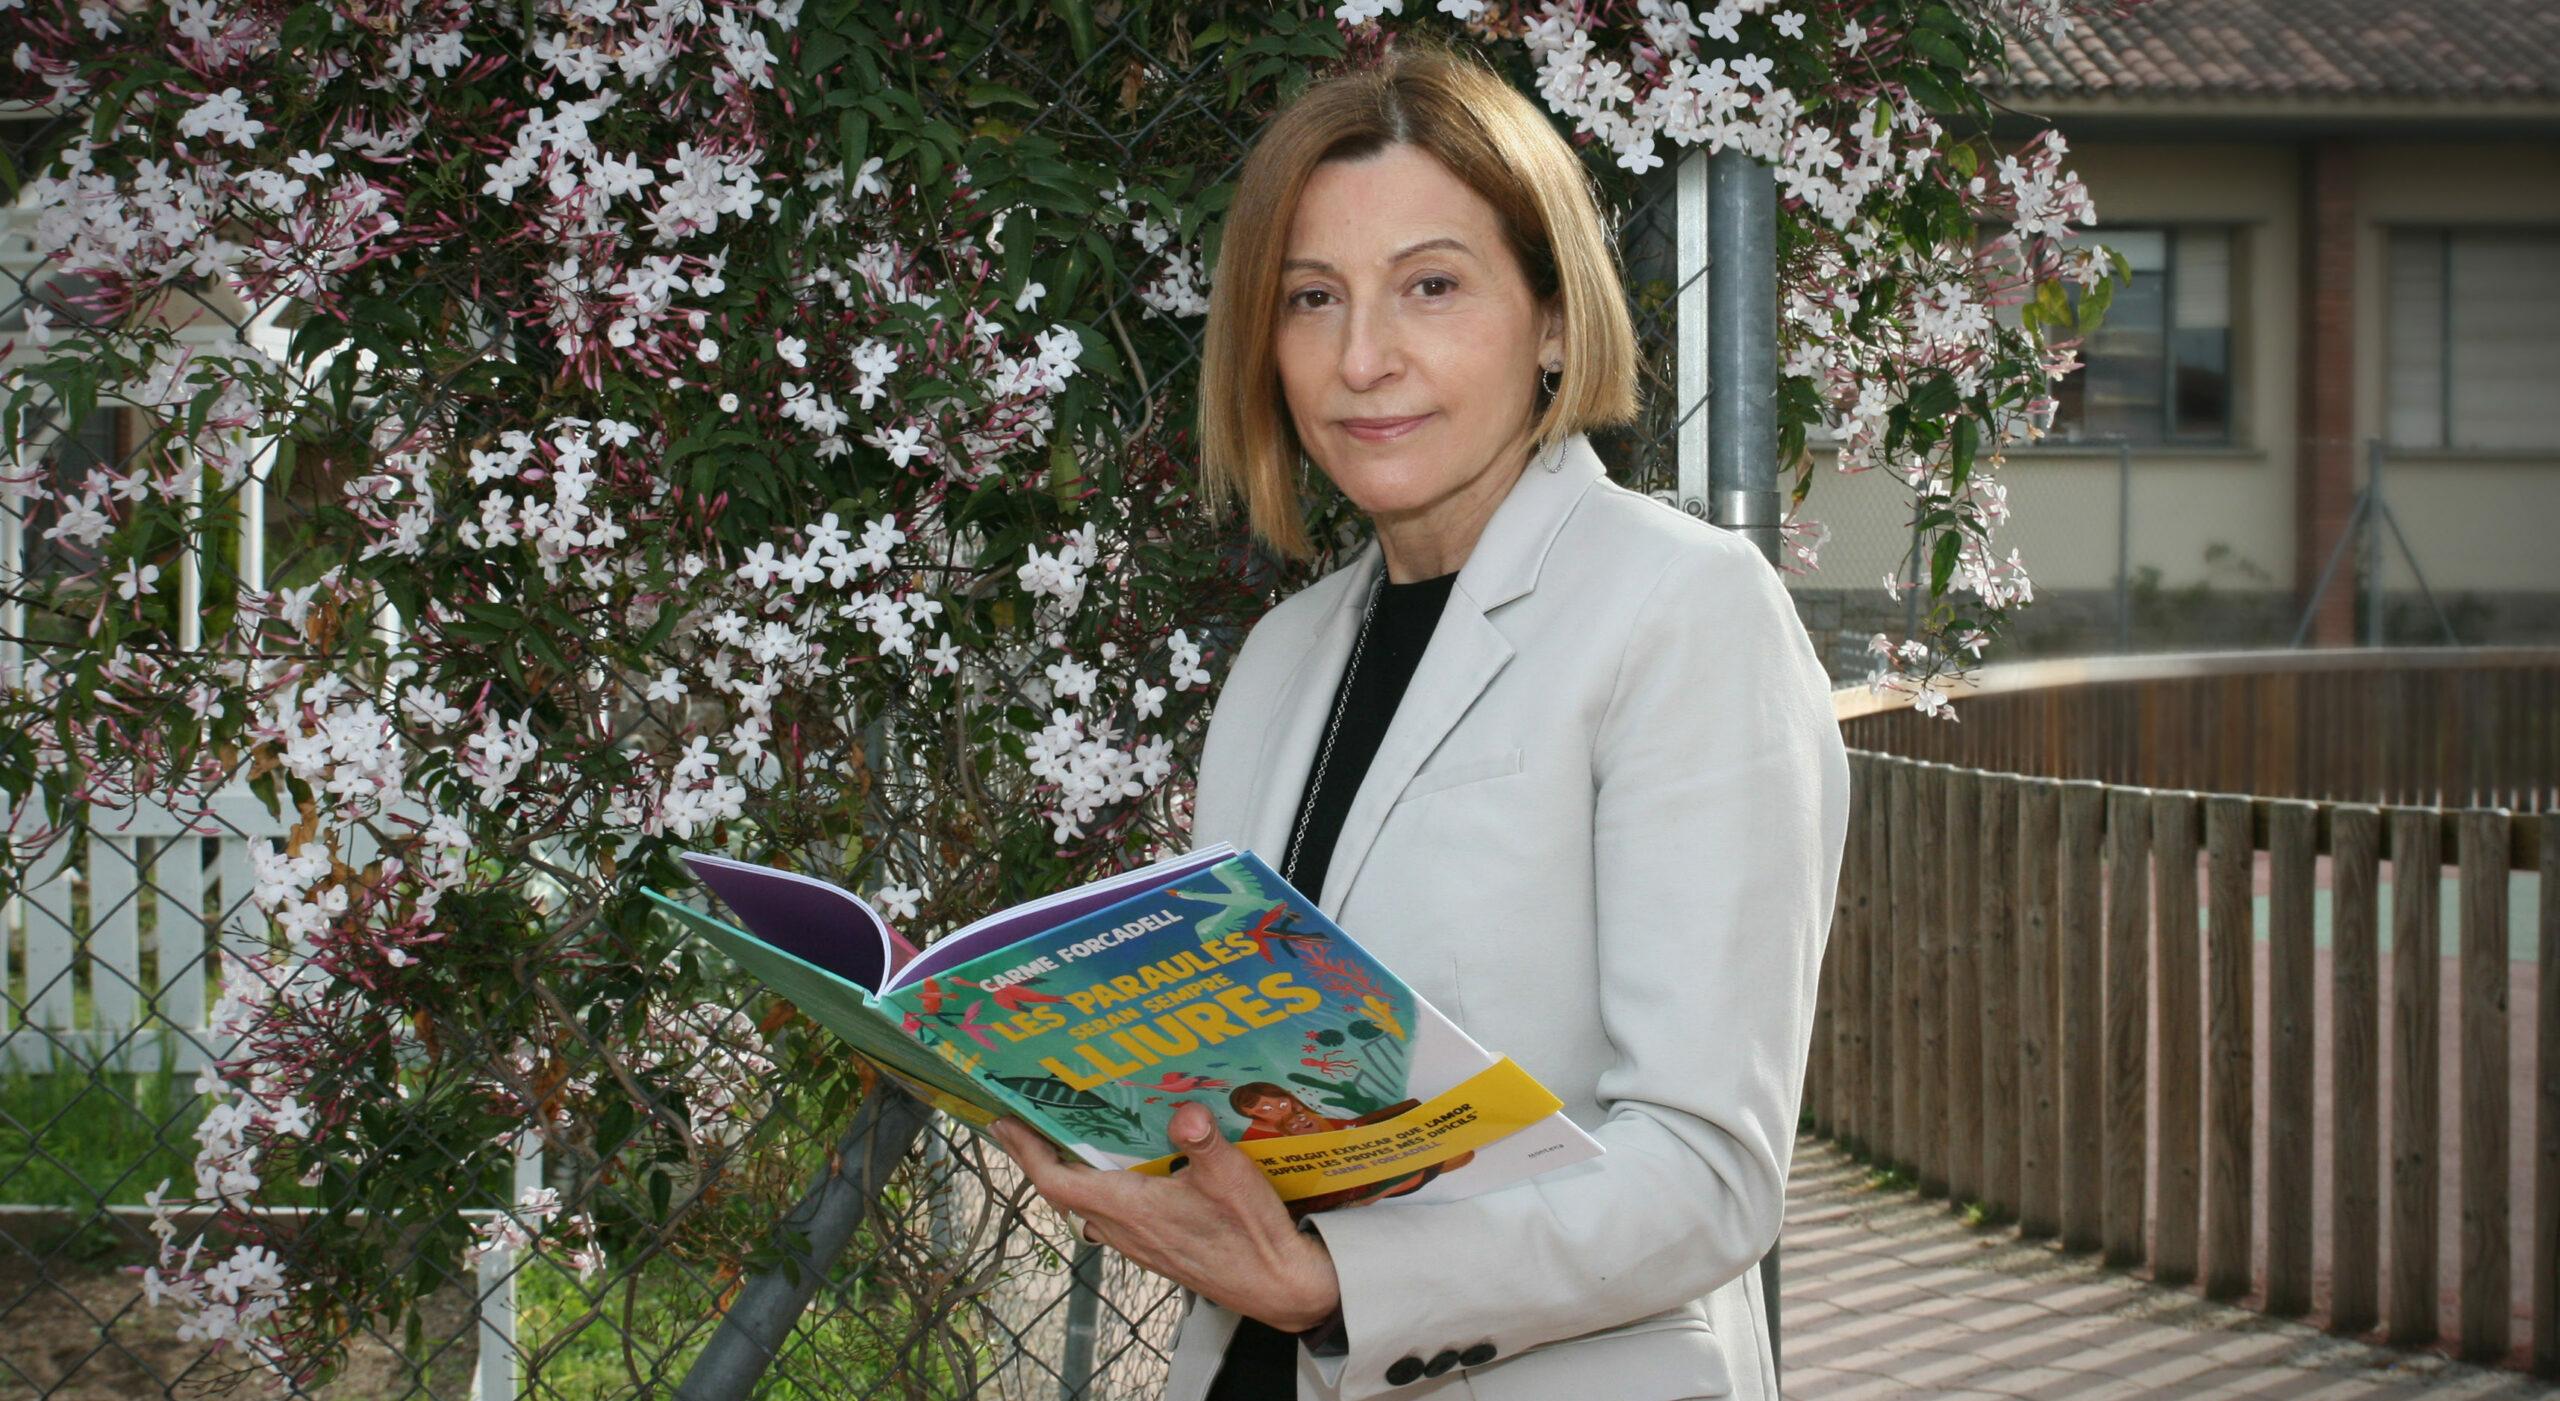 Carme Forcadell amb el llibre 'Les paraules seran sempre lliures', el conte que ha escrit per explicar al seu net que està empresonada / Editorial Montena